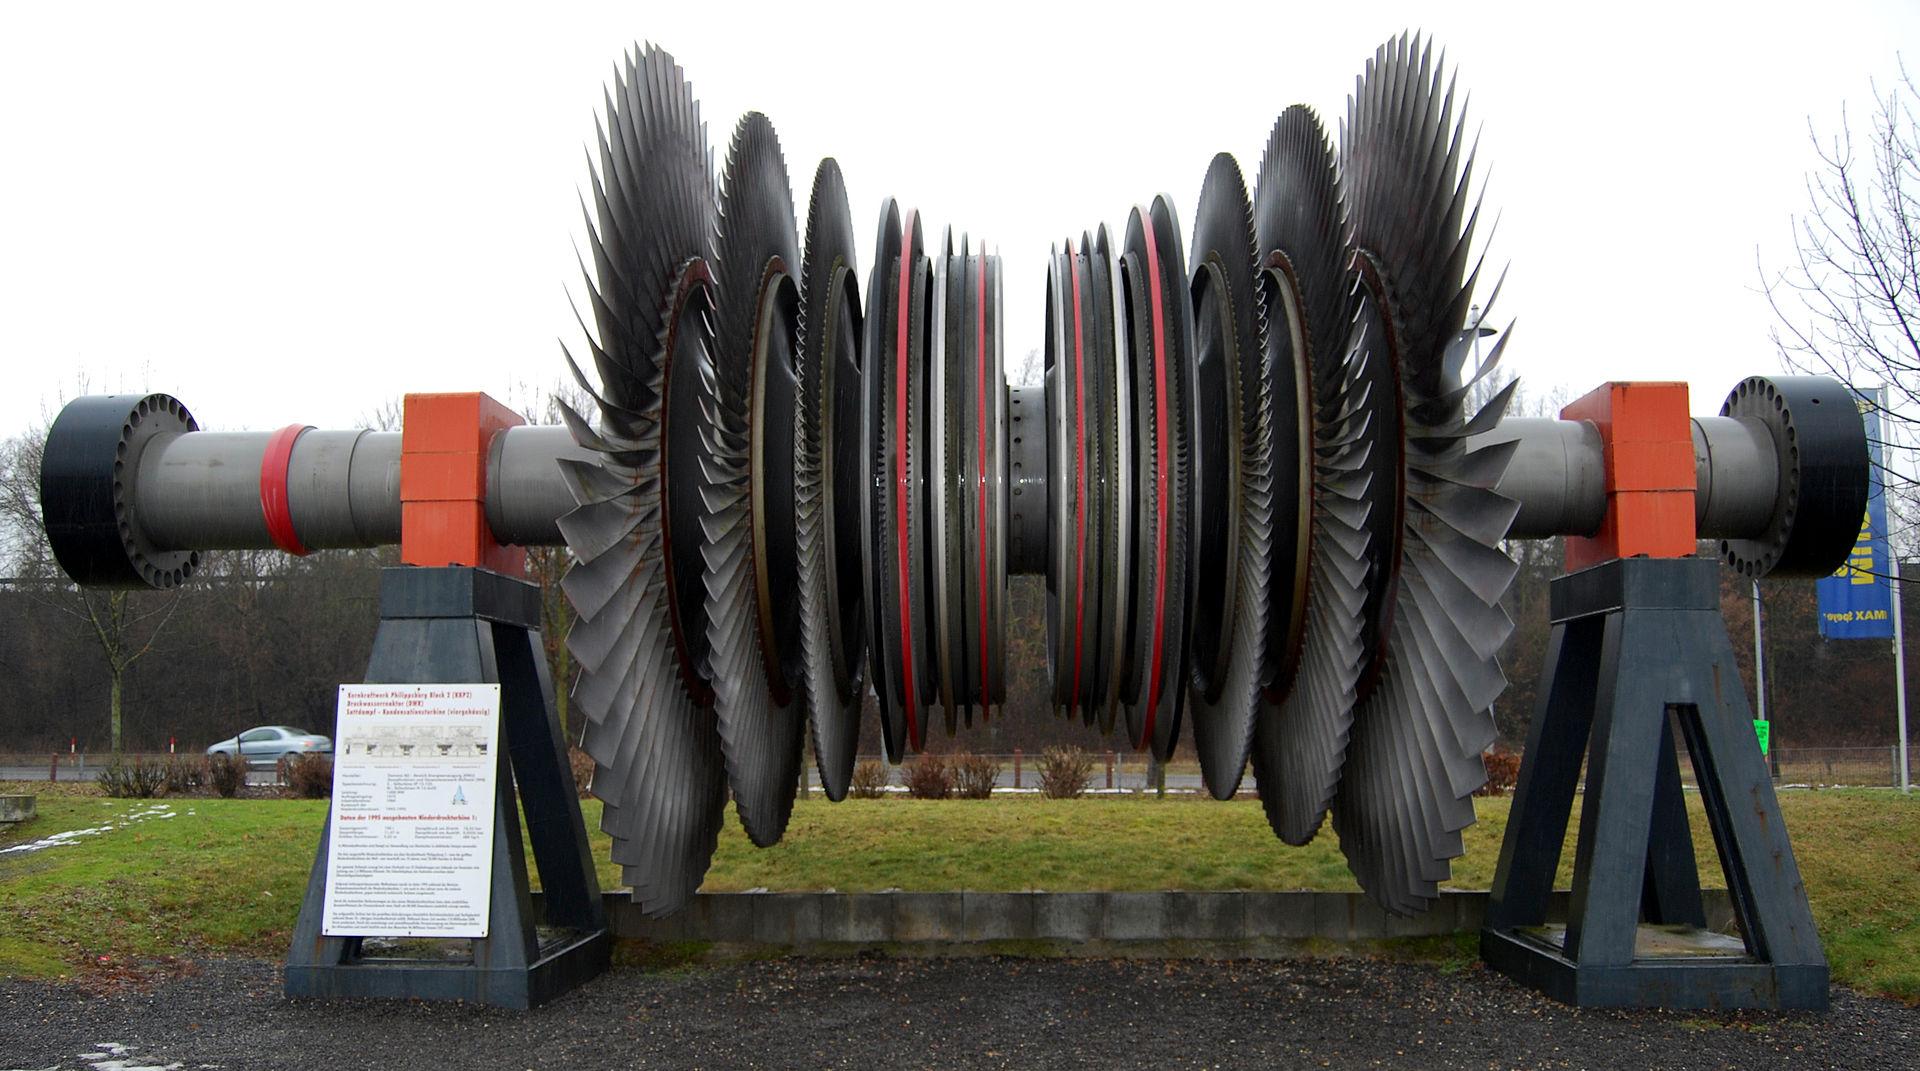 Ein Turbinenläufer aus einem Kernkraftwerk in Originalgröße - zu besichtigen im Technikmuseum Speyer (Bildlizenz: CC BY 3.0)